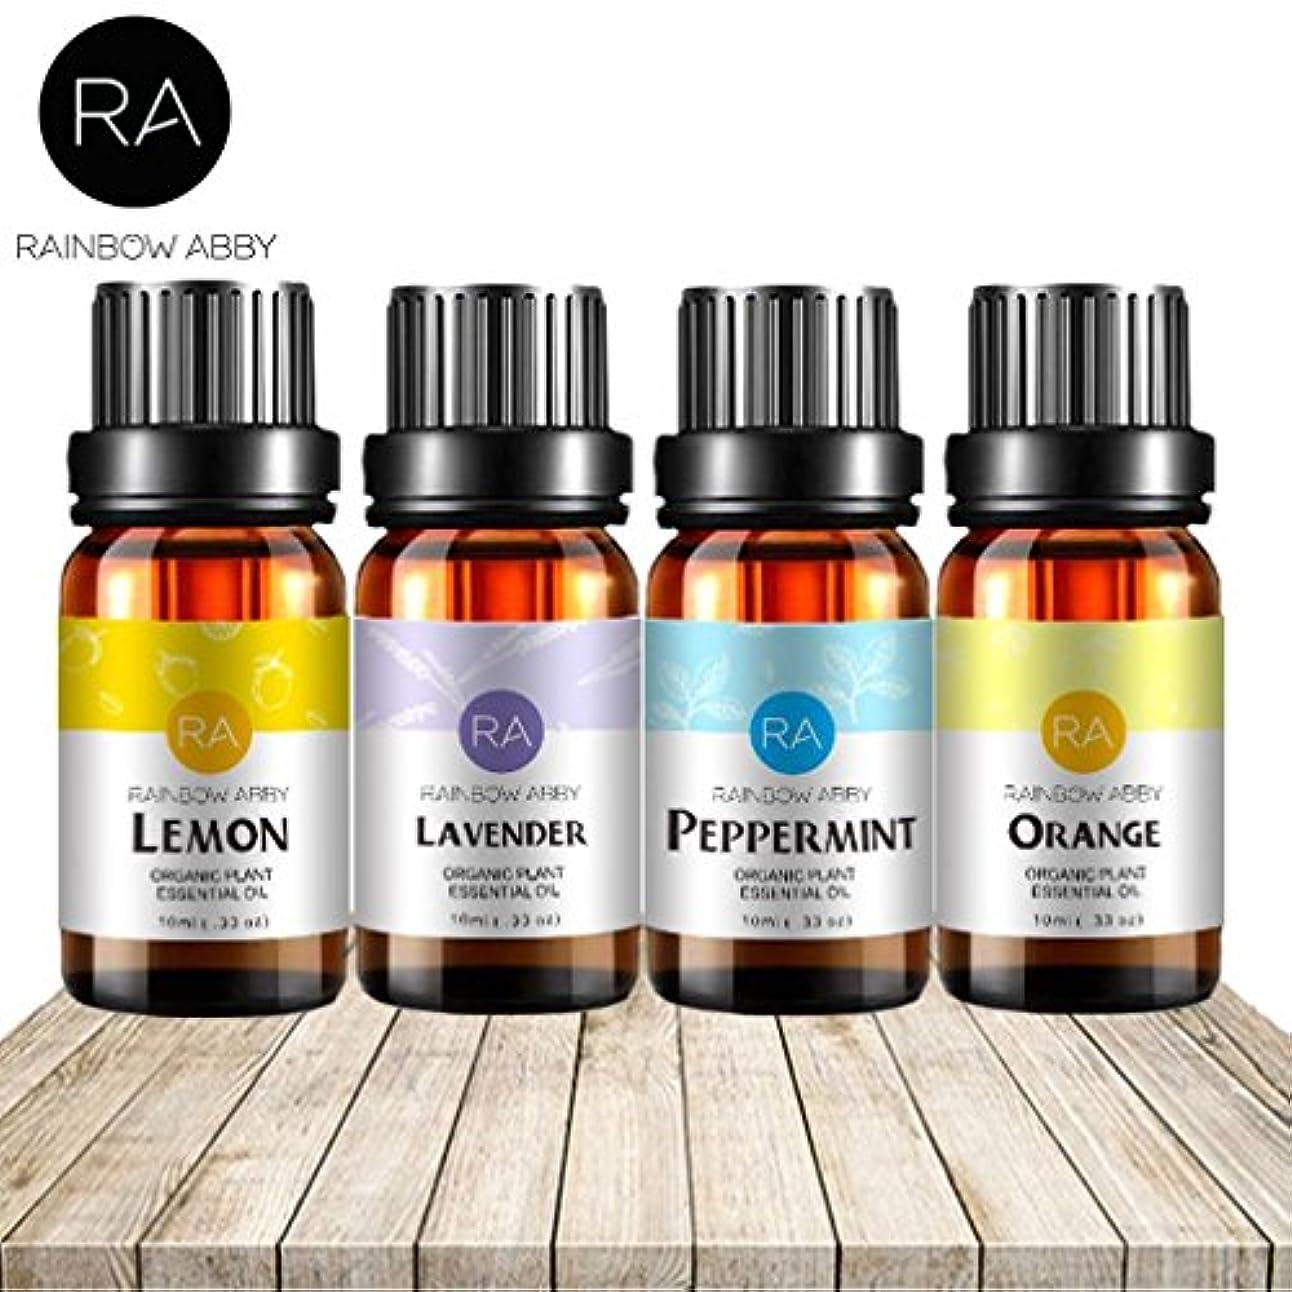 申し込むファントムハンマーRAINBOW ABBY 4パック ベスト セラピー グレード エッセンシャル オイル:ラベンダー、レモン、ペパーミント、スウィートオレンジ